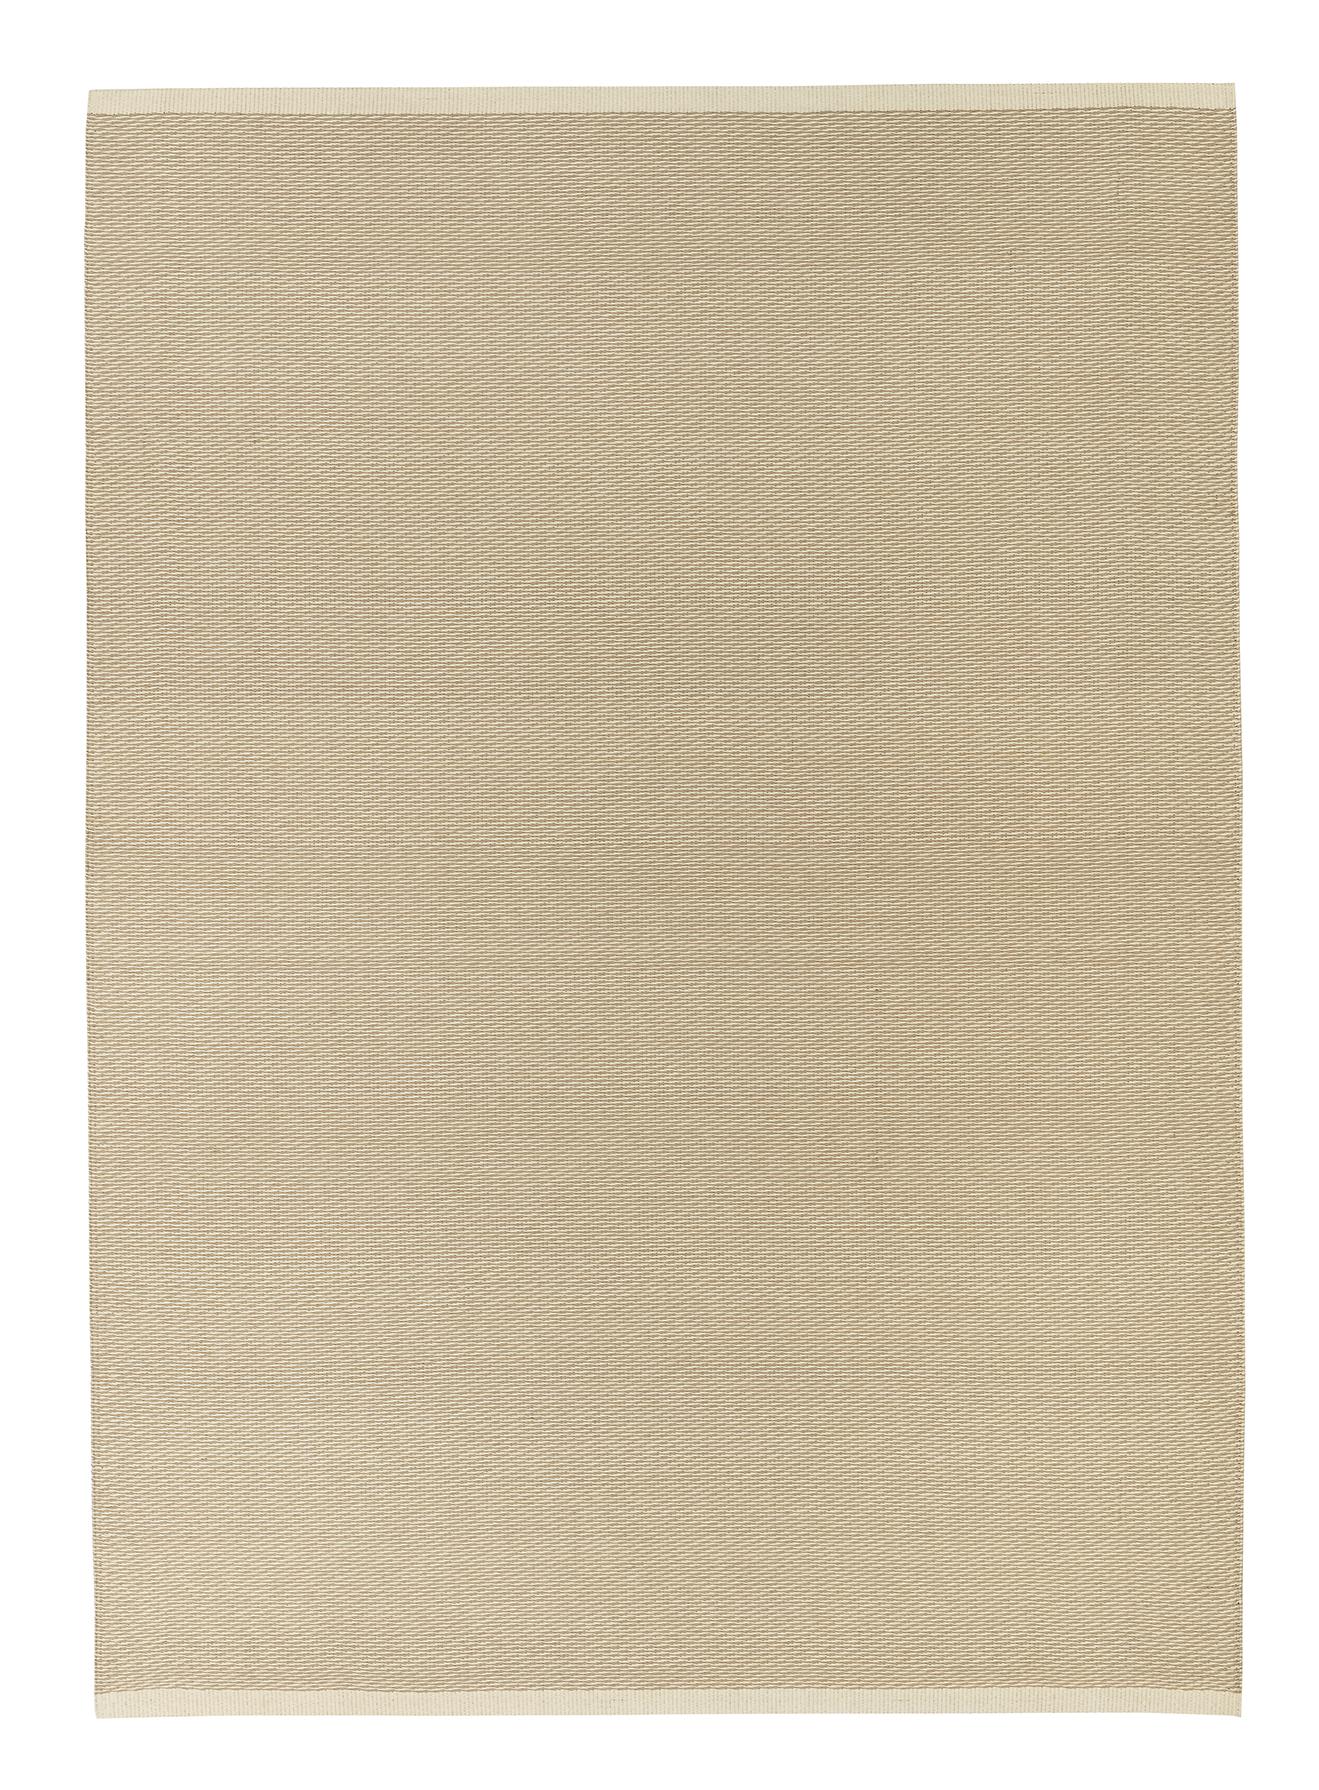 Betula 1211 Beige/Off White